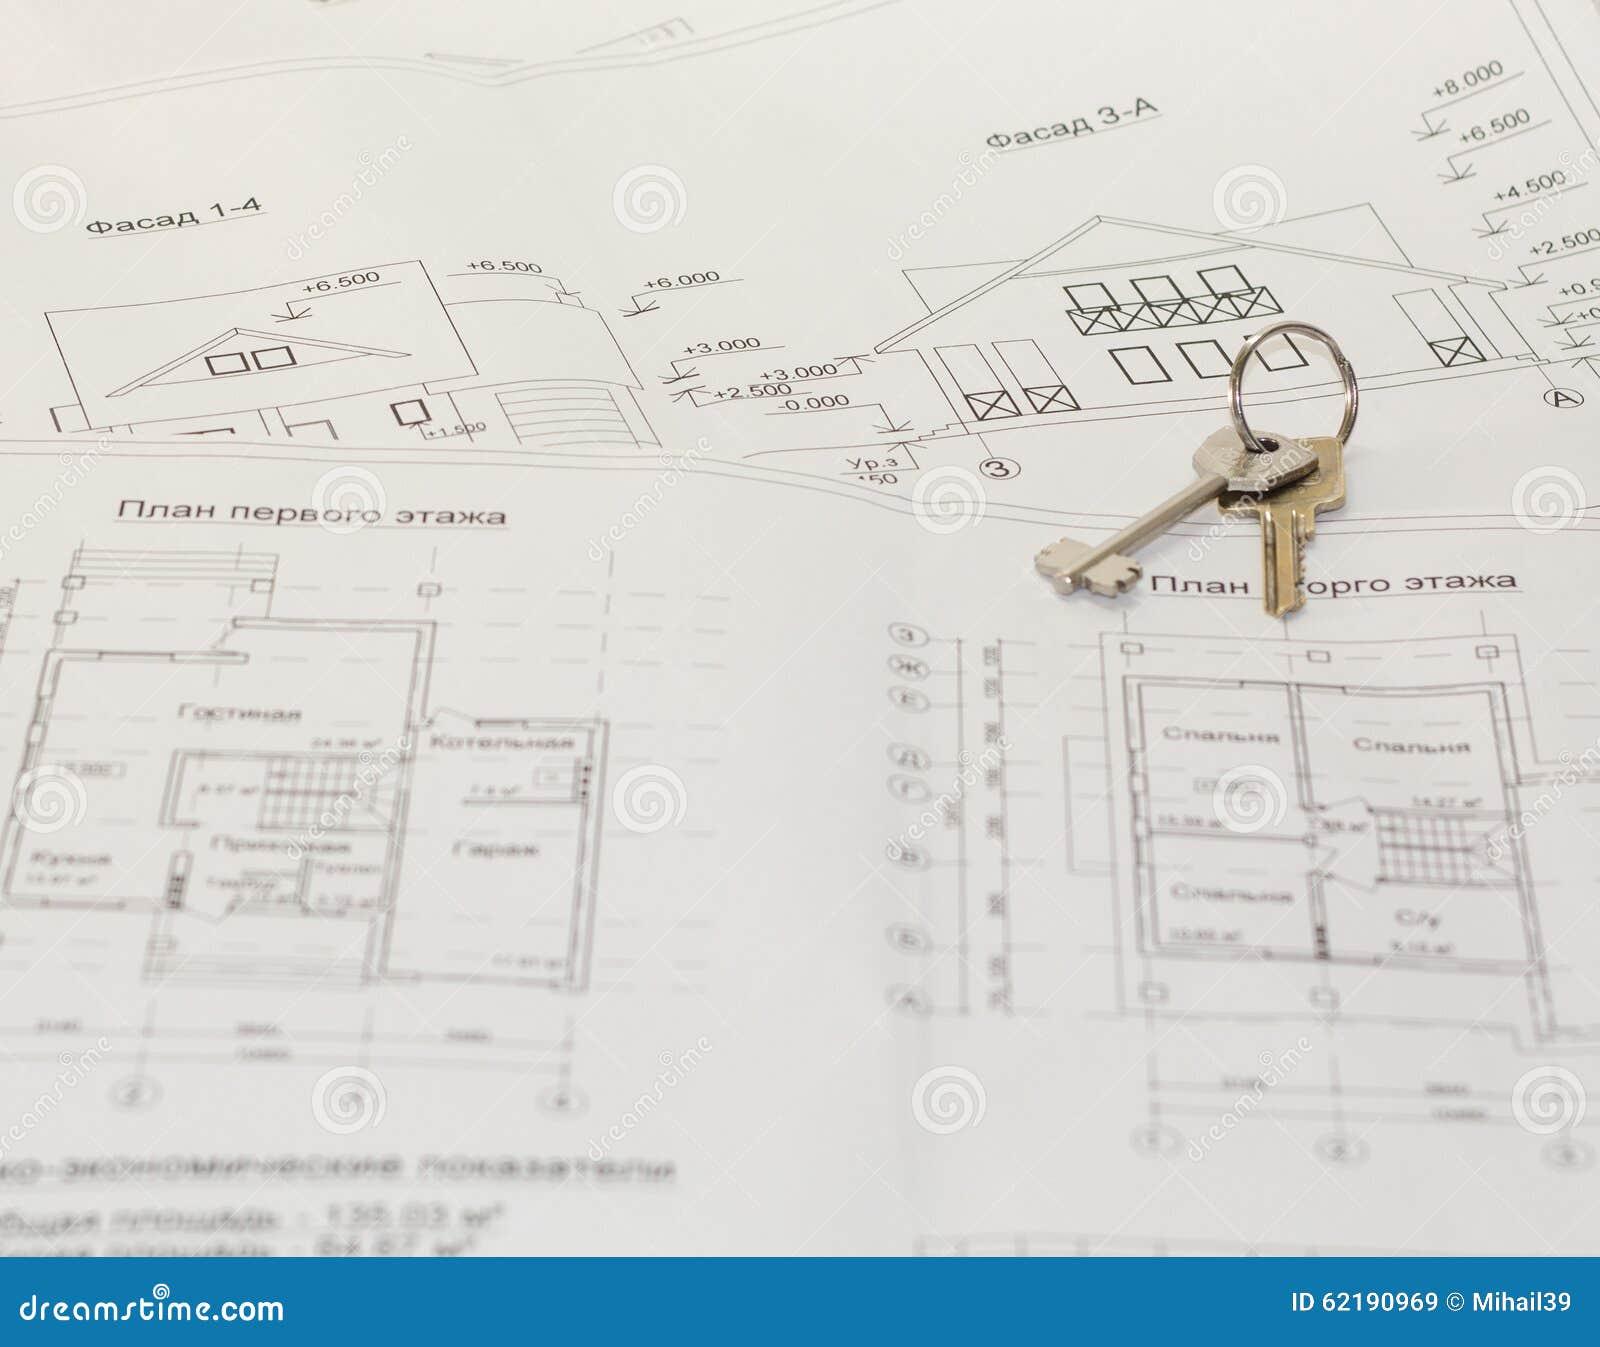 Dessins d 39 architecture et plans de la maison image stock for Plans et dessins de maisons d architecture